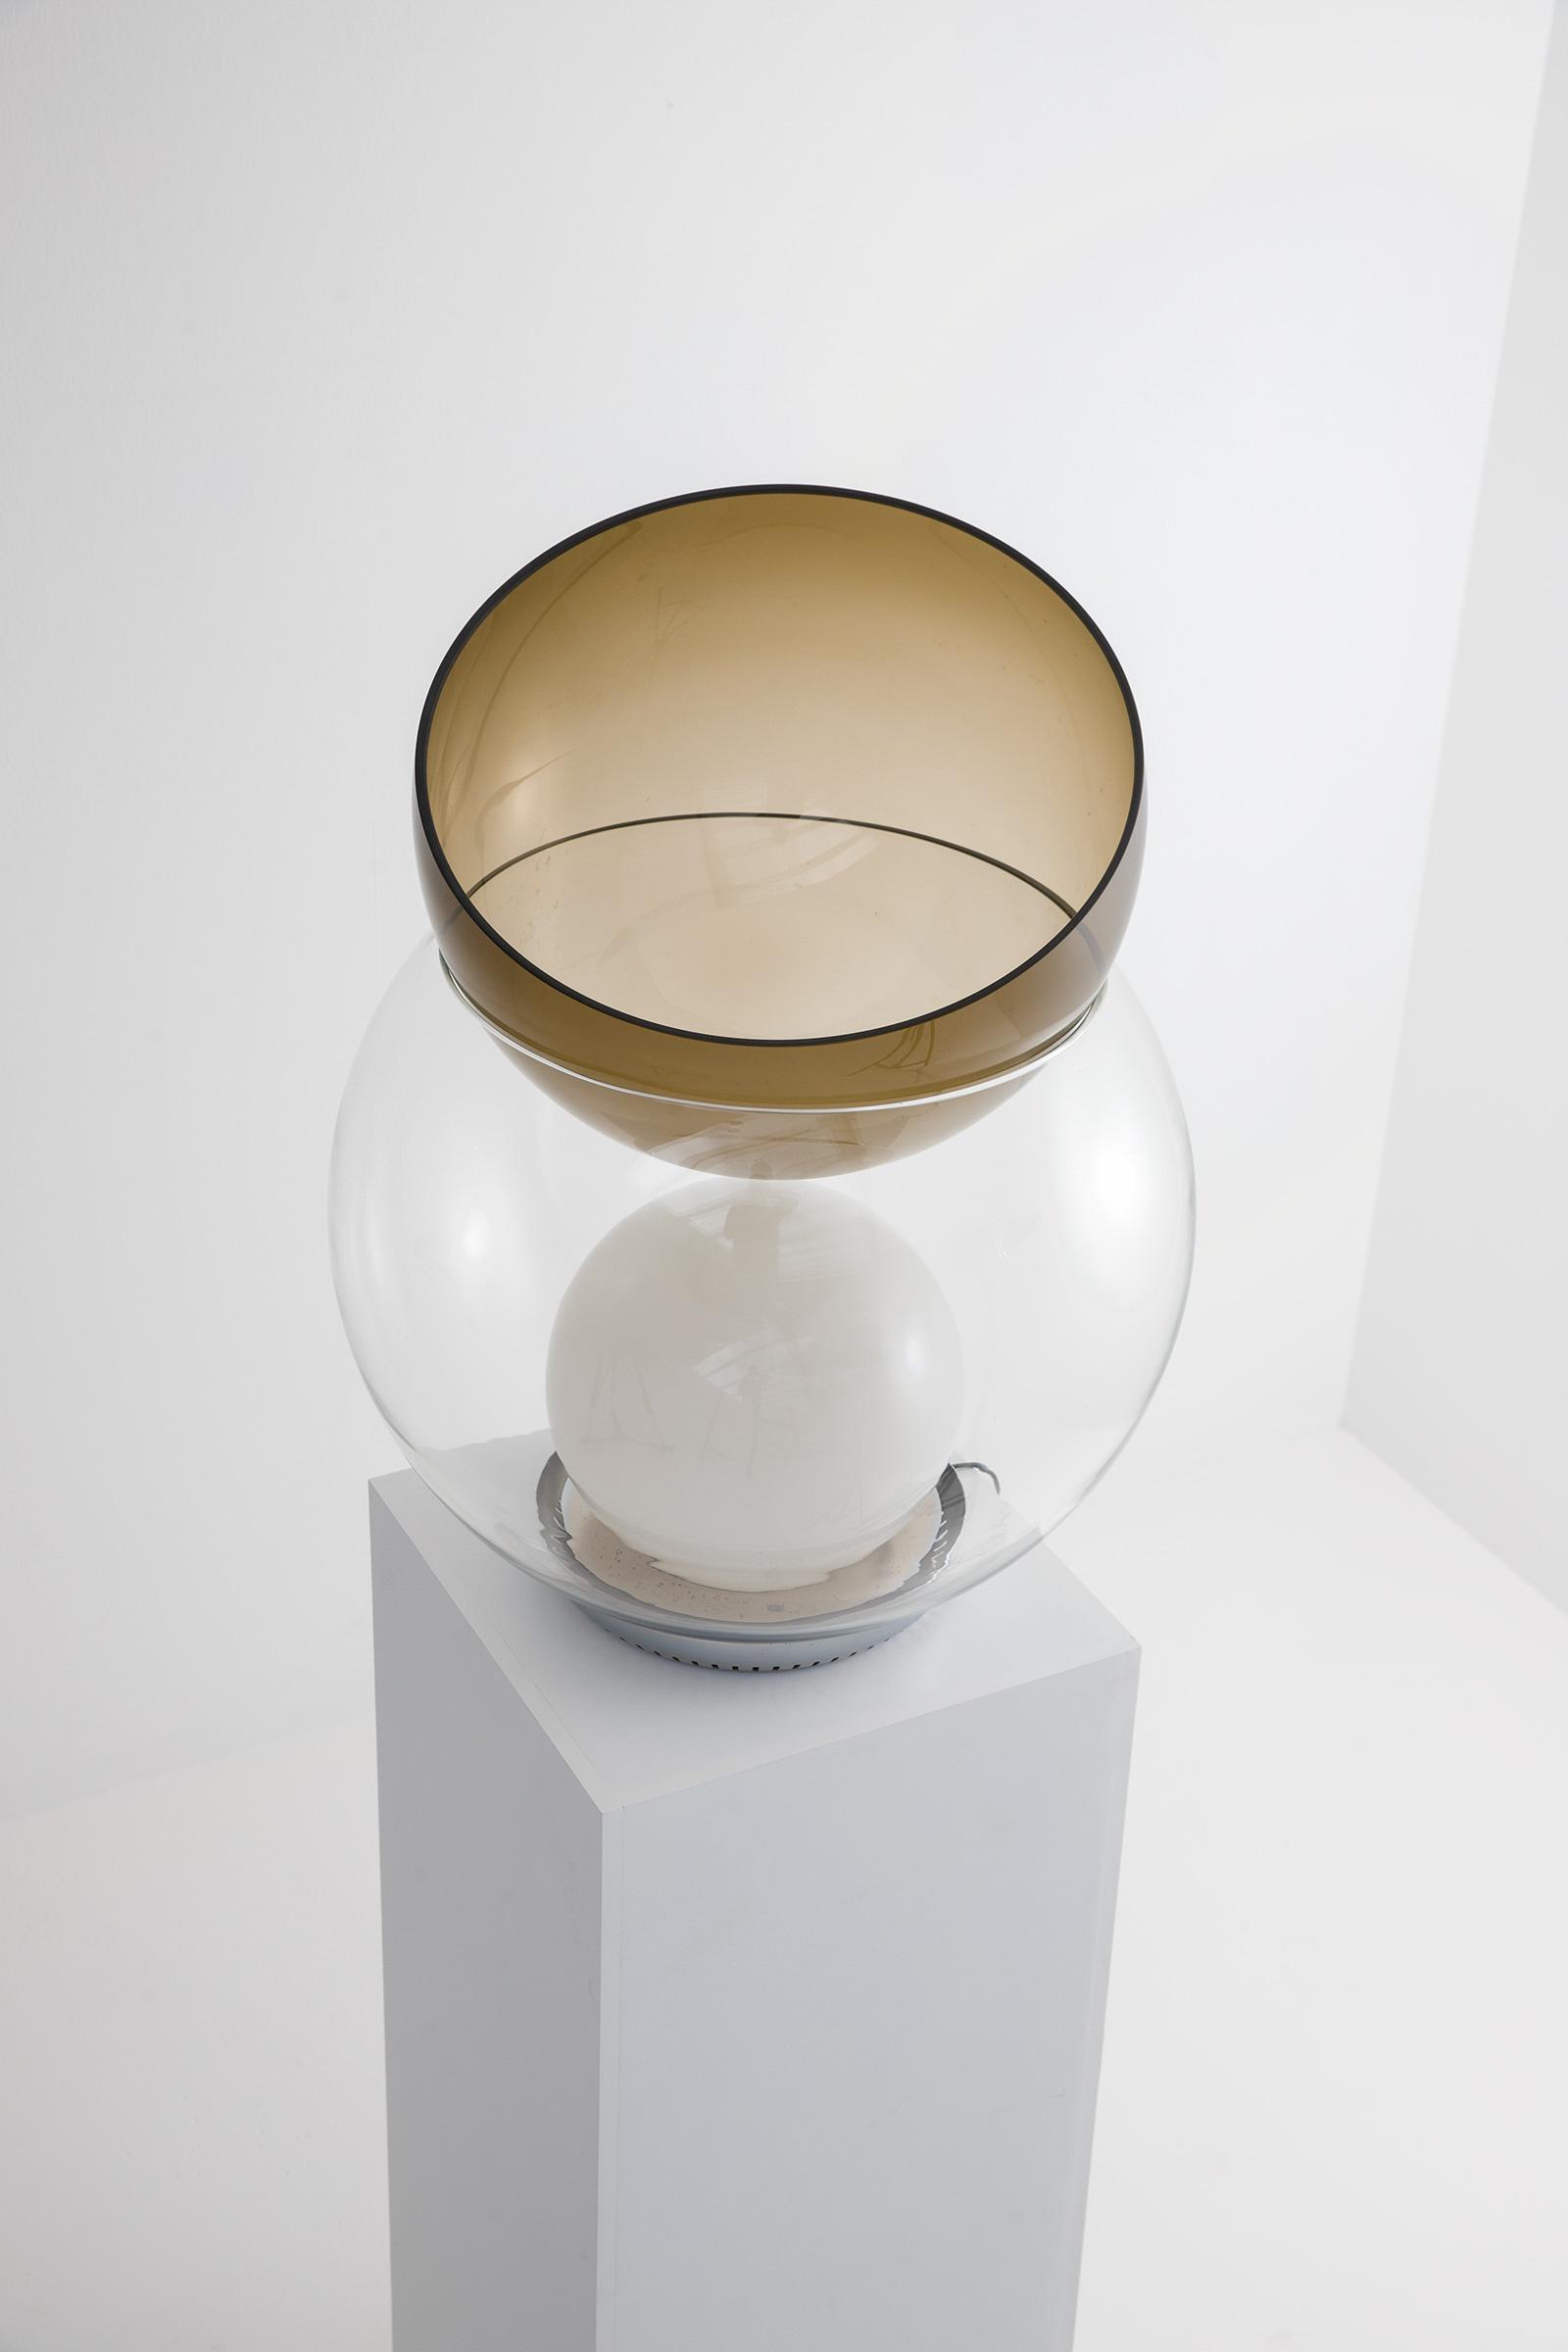 Gae Aulenti Giova Lamp for Fontana Arteimage 5